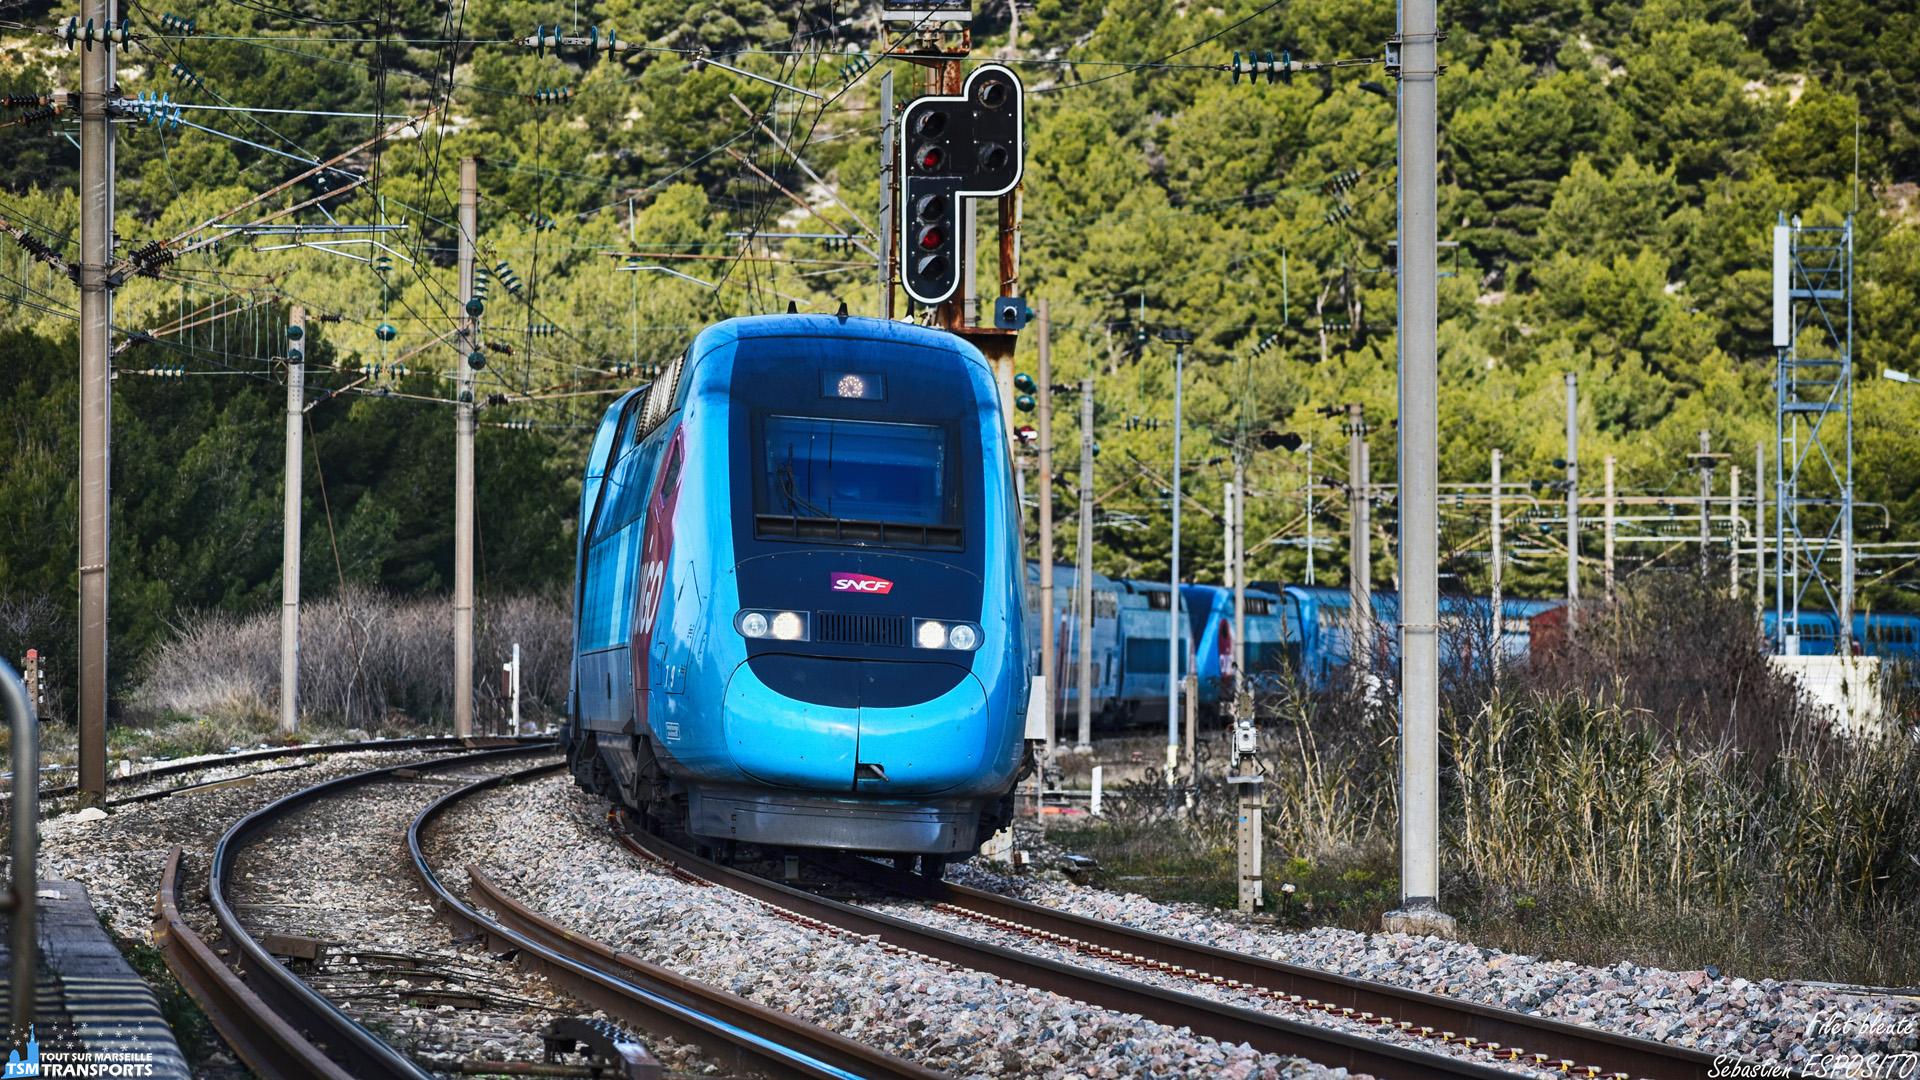 Arrivé dans mon dos, sur la pointe des roues, ce TGV Ouigo n°7851 composé de deux rames TGV Dasye aborde les voies en courbes de la gare de Cassis, ce qui provoque le bruit qui fait retourner tout spotter à l'affût. . Et voilà c'est dans la boîte, j'immortalise les rames 779 et 778 peu après la sortie du tunnel du Mussuguet. . ℹ️ Alstom TGV Dasye 779 et 778 SNCF OUIGO. . 📍 Gare de Cassis, Avenue de gare, 13260 Cassis. . ↔️ OUIGO n°7851 : Paris Gare de Lyon - Nice Ville. . 📸 Nikon D5600. . 📷 Nikkor 70-300mm. . 📅 19 Janvier 2019 à 10:53. . 👨 Sébastien ESPOSITO surpris.